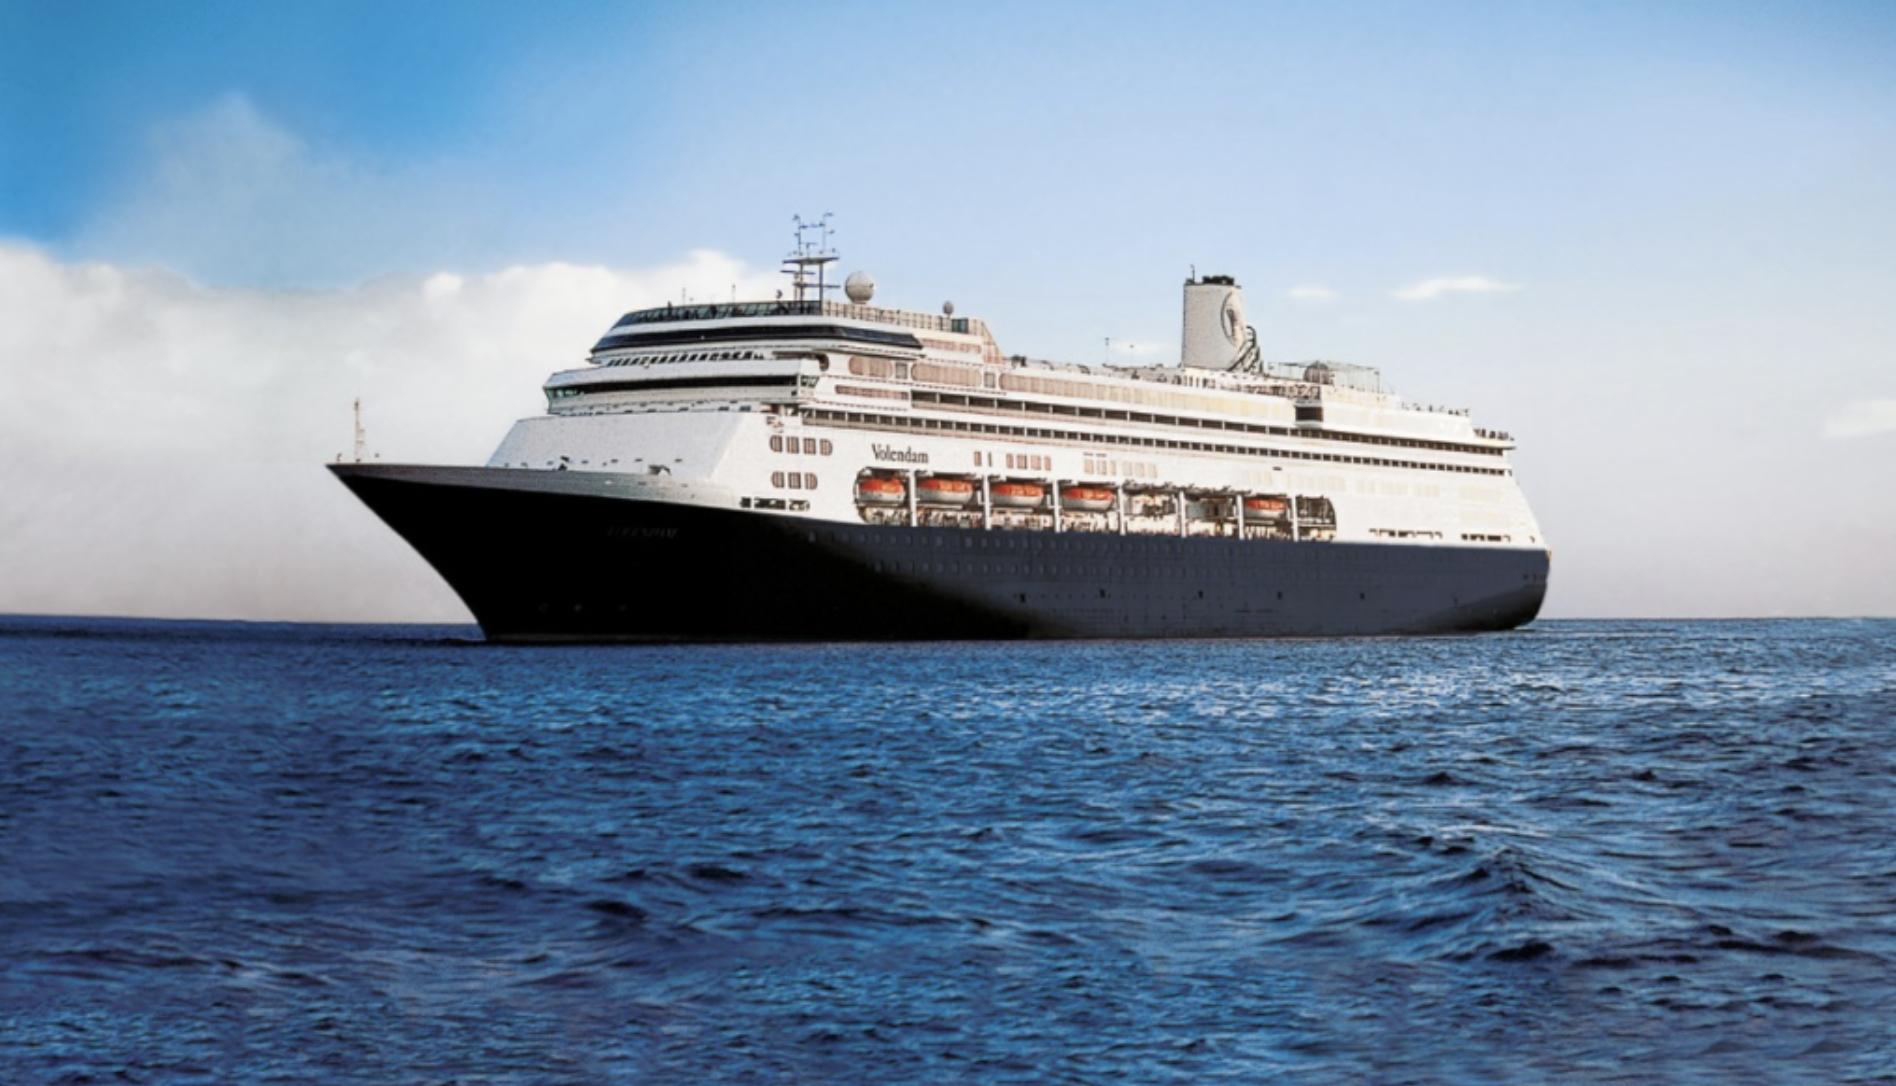 Preisfehler, Panamakreuzfahrt mit der MS Volendam